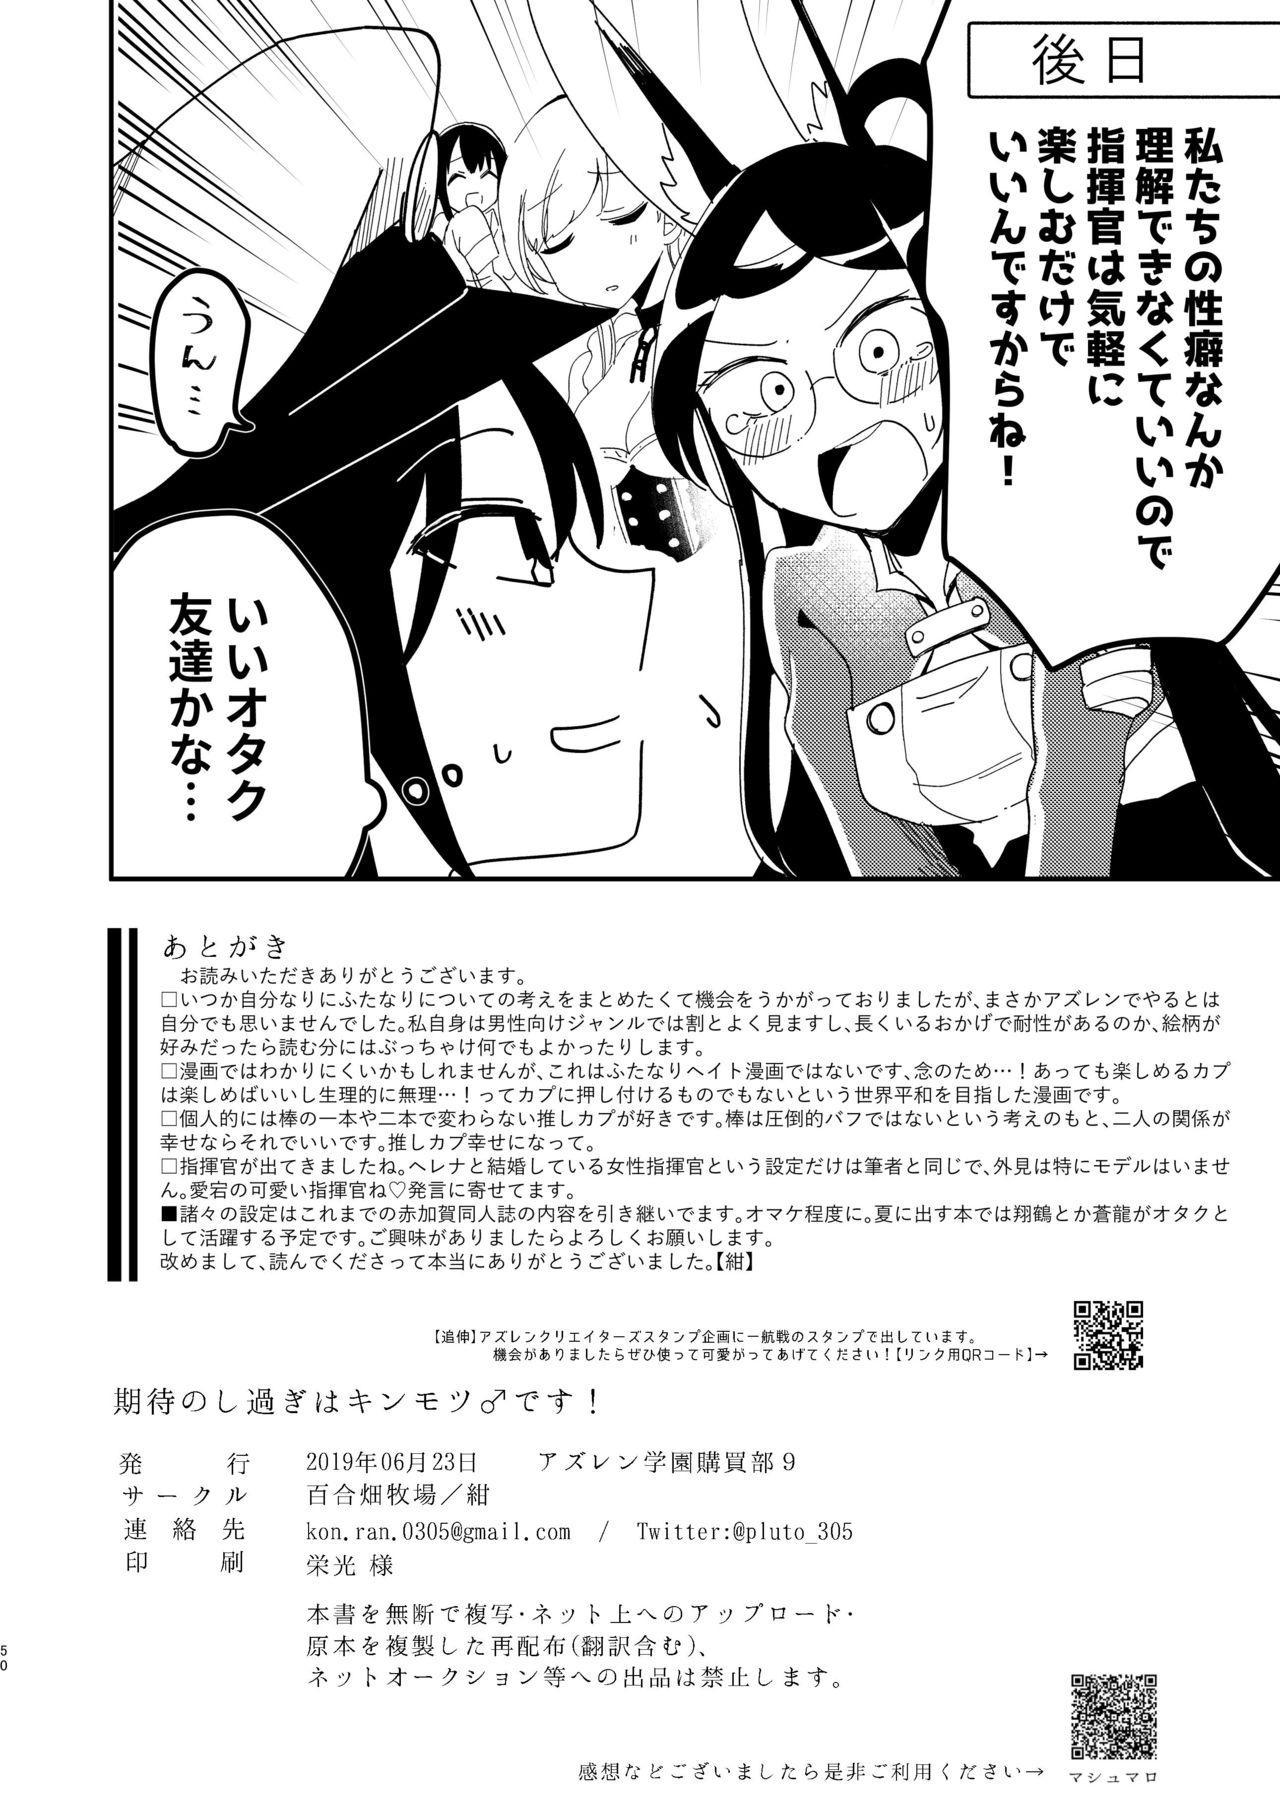 Kitai no Shisugi wa Kinmotsu desu! - Sticks are not necessarily buff 48